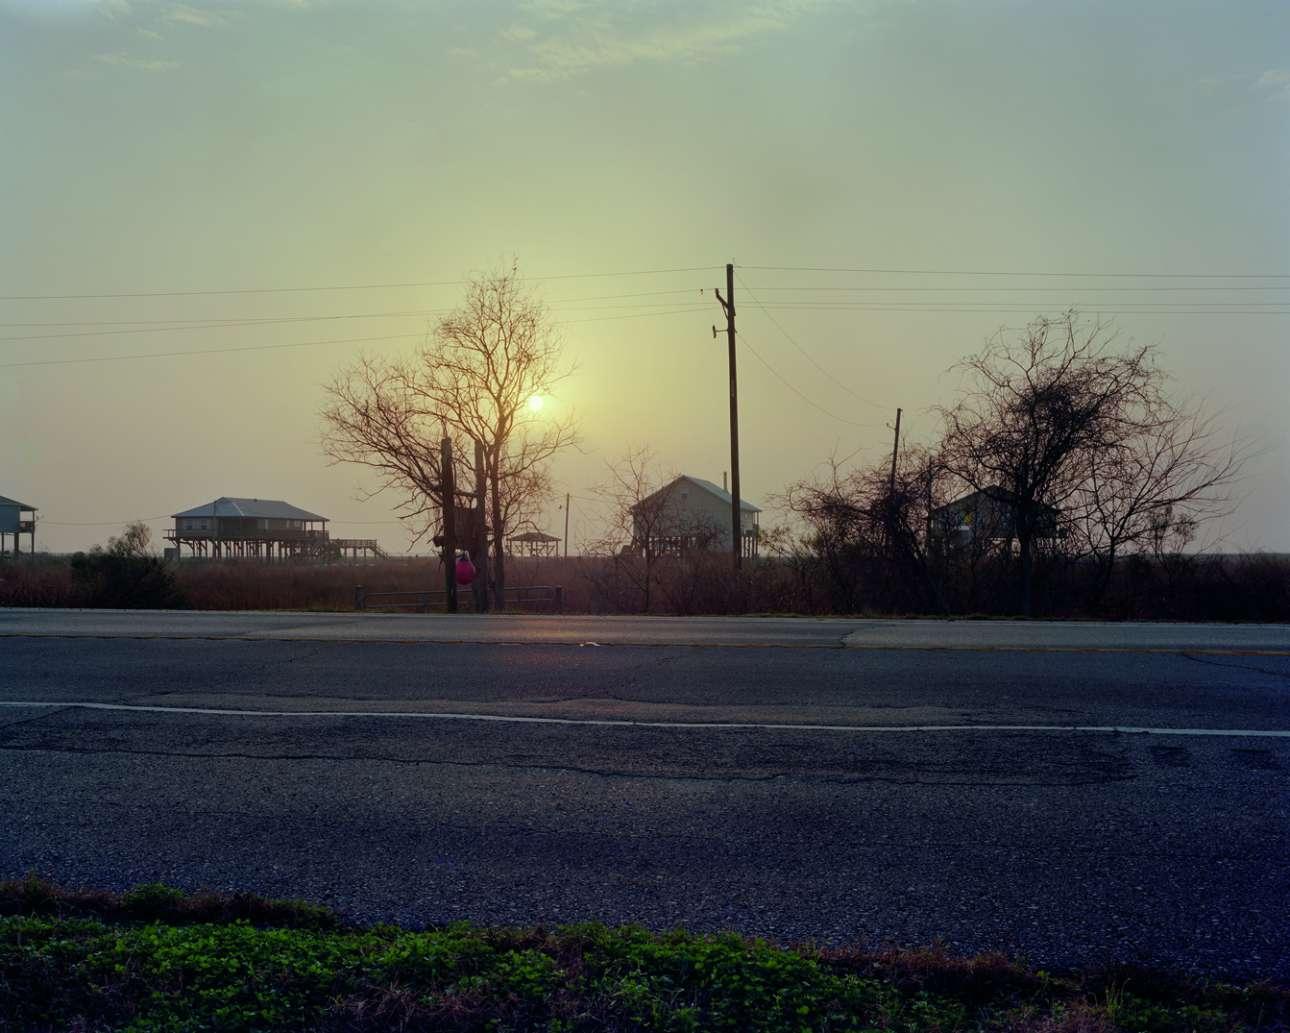 Τζέιν Μάνσφιλντ, Αυτοκινητόδρομος 90, Λουιζιάνα, 29 Ιουνίου 1967. Μετά την εμφάνιση της σε ένα καμπαρέ του Μπιλόξι, η Τζέιν Μάνσφιλντ μεταφέρεται από δύο φίλους της στη Νέα Ορλέανη. Πίσω στο αυτοκίνητο, τρία παιδιά κοιμούνται βαθιά. Γύρω στις 2 τα ξημερώματα, το εντομοκτόνο που έχει ψεκάσει ένα τρακτέρ, παρεμποδίζει σοβαρά την ορατότητα και ο οδηγός τρακάρει με δύναμη την Μπιούικ στο πίσω μέρος ενός φορτηγού. Οι τρεις ενήλικες πεθαίνουν επί τόπου, τα τρία παιδιά βγαίνουν άθικτα. Μετά το θάνατο της αισθησιακής σταρ, στα φορτηγά των ΗΠΑ συνιστάται να έχουν προφυλακτήρα. Και ονομάζεται μπάρα Μάνσφιλντ